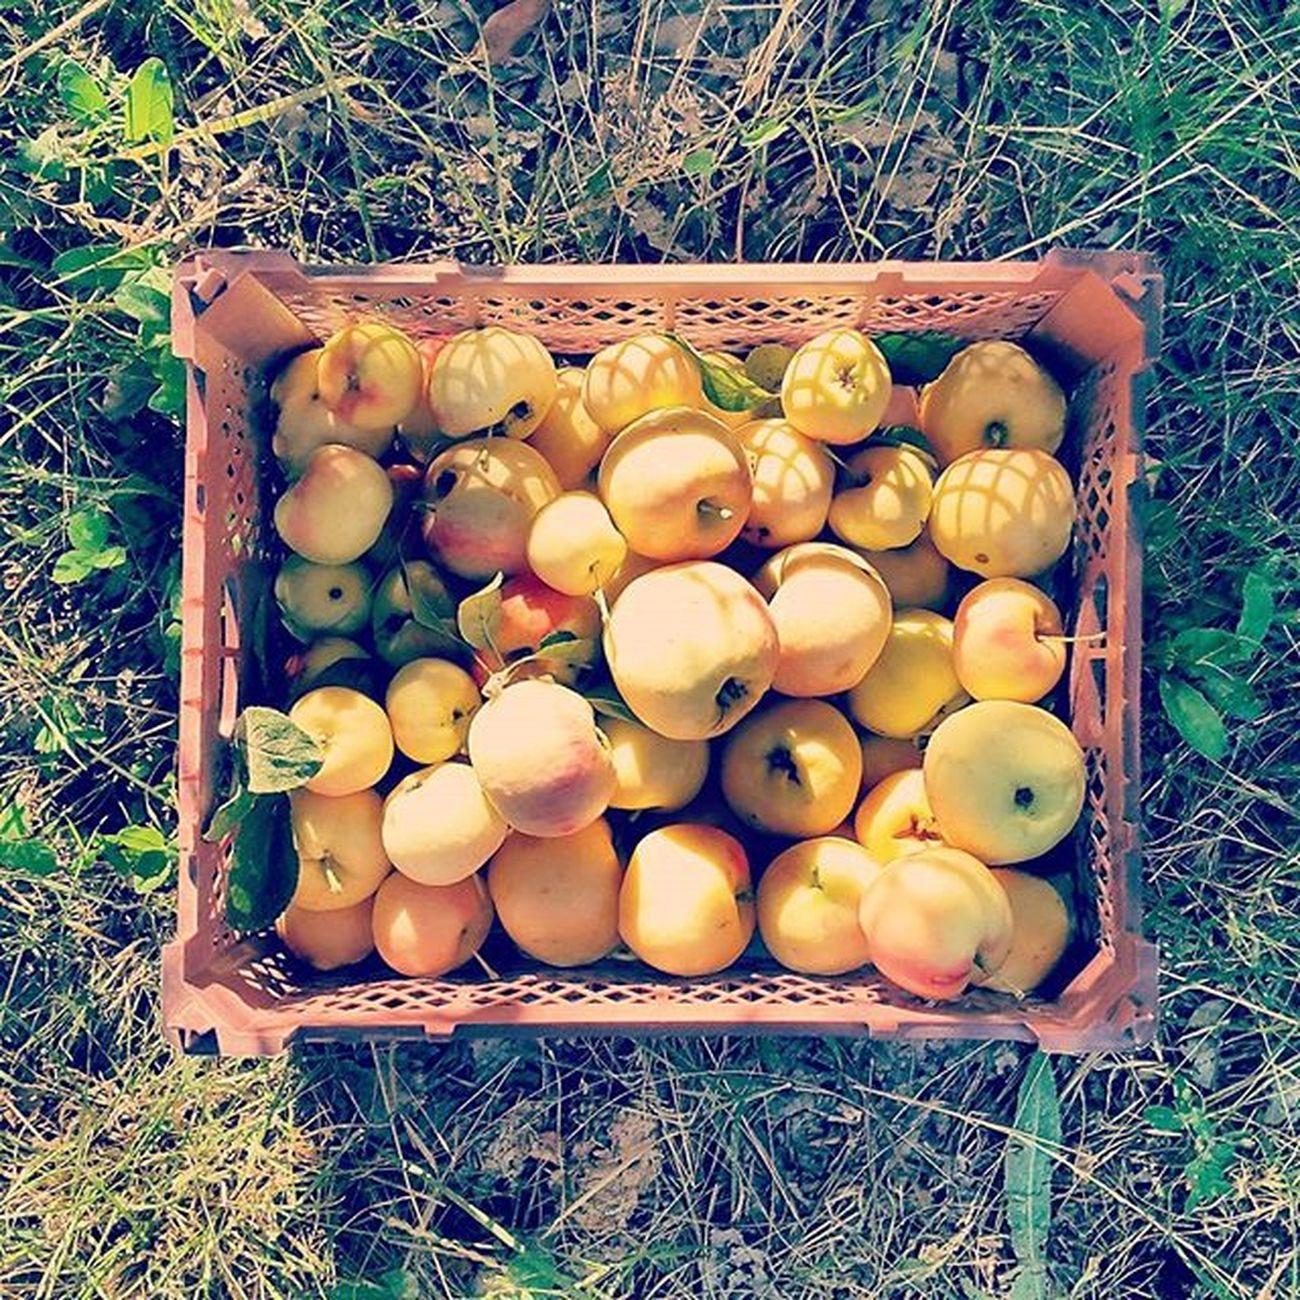 ▫ سیب مثل گونه هایت 😊 دست_رنج_پدرم سیب_های_کرمو